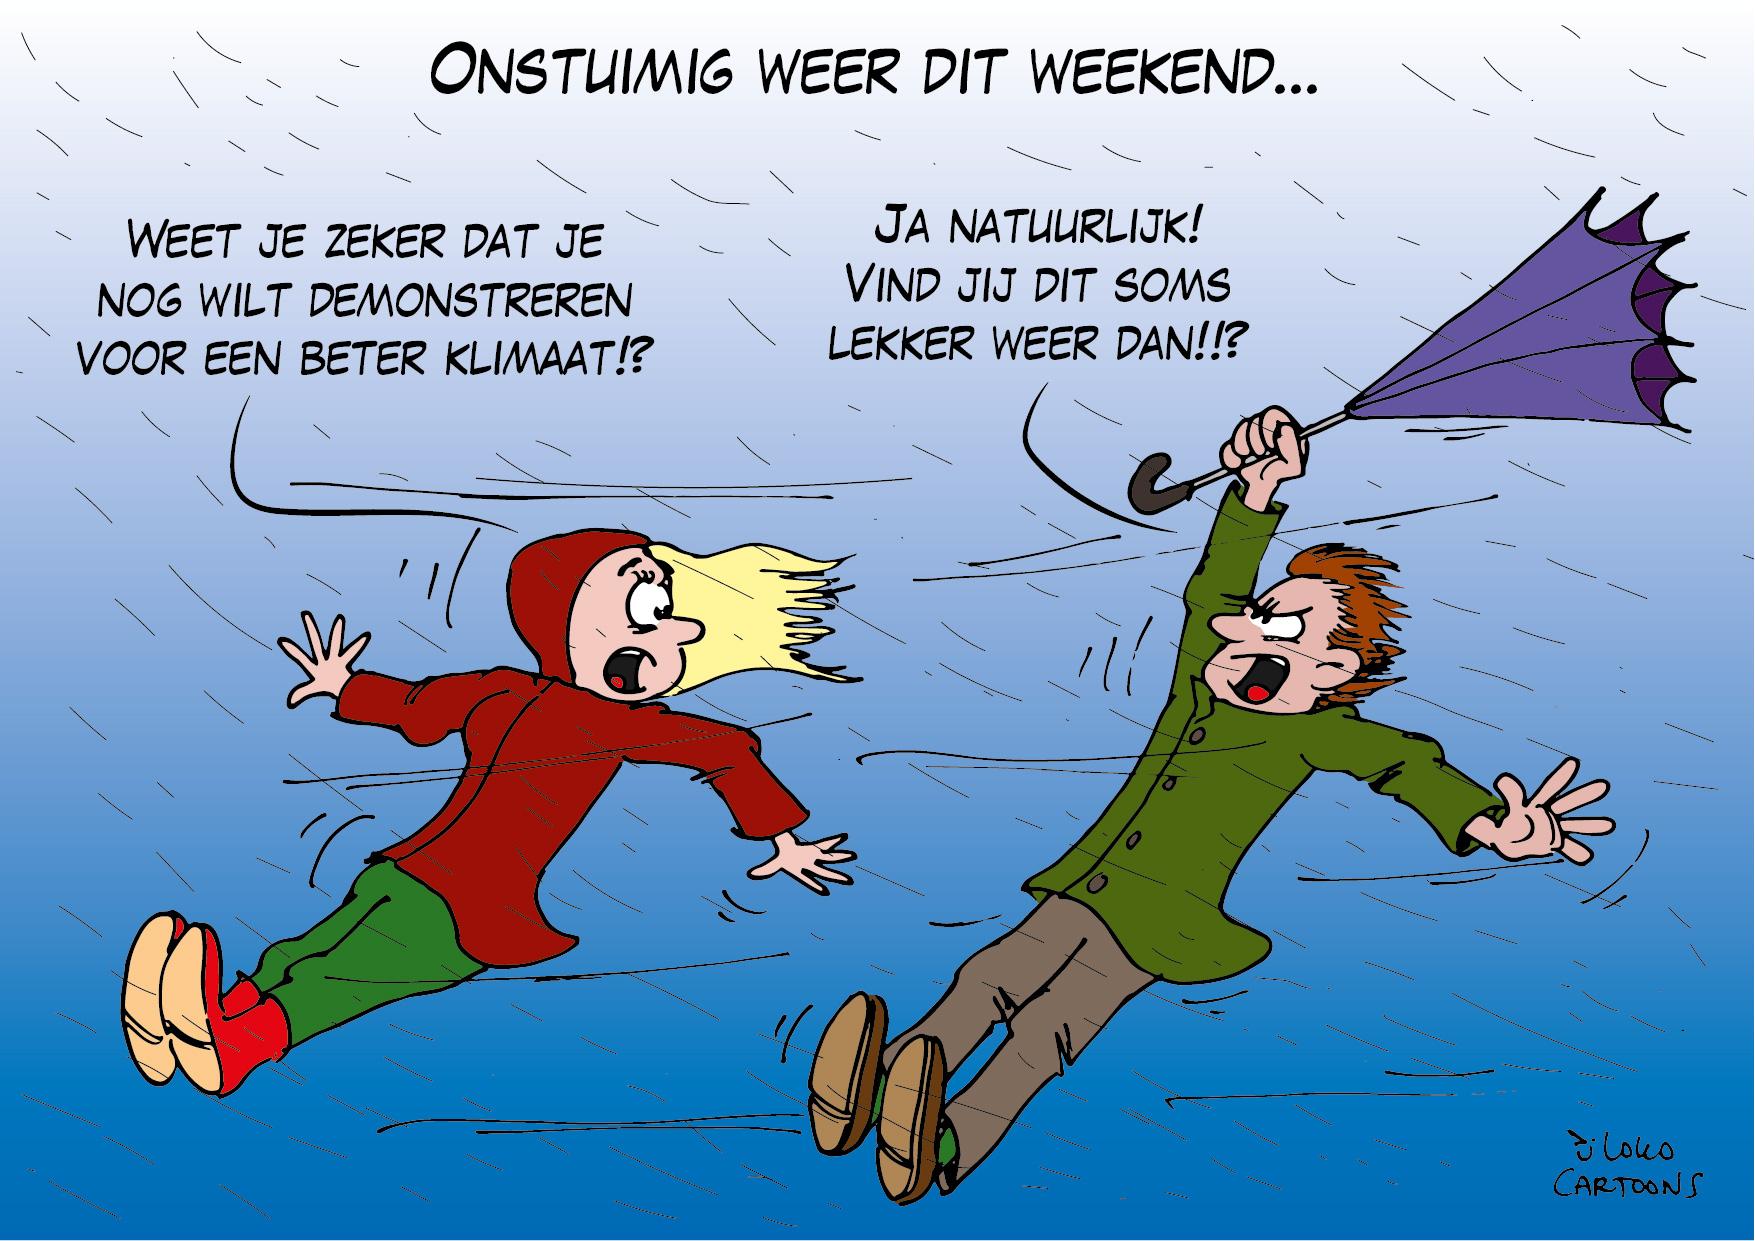 Onstuimig weer dit weekend…